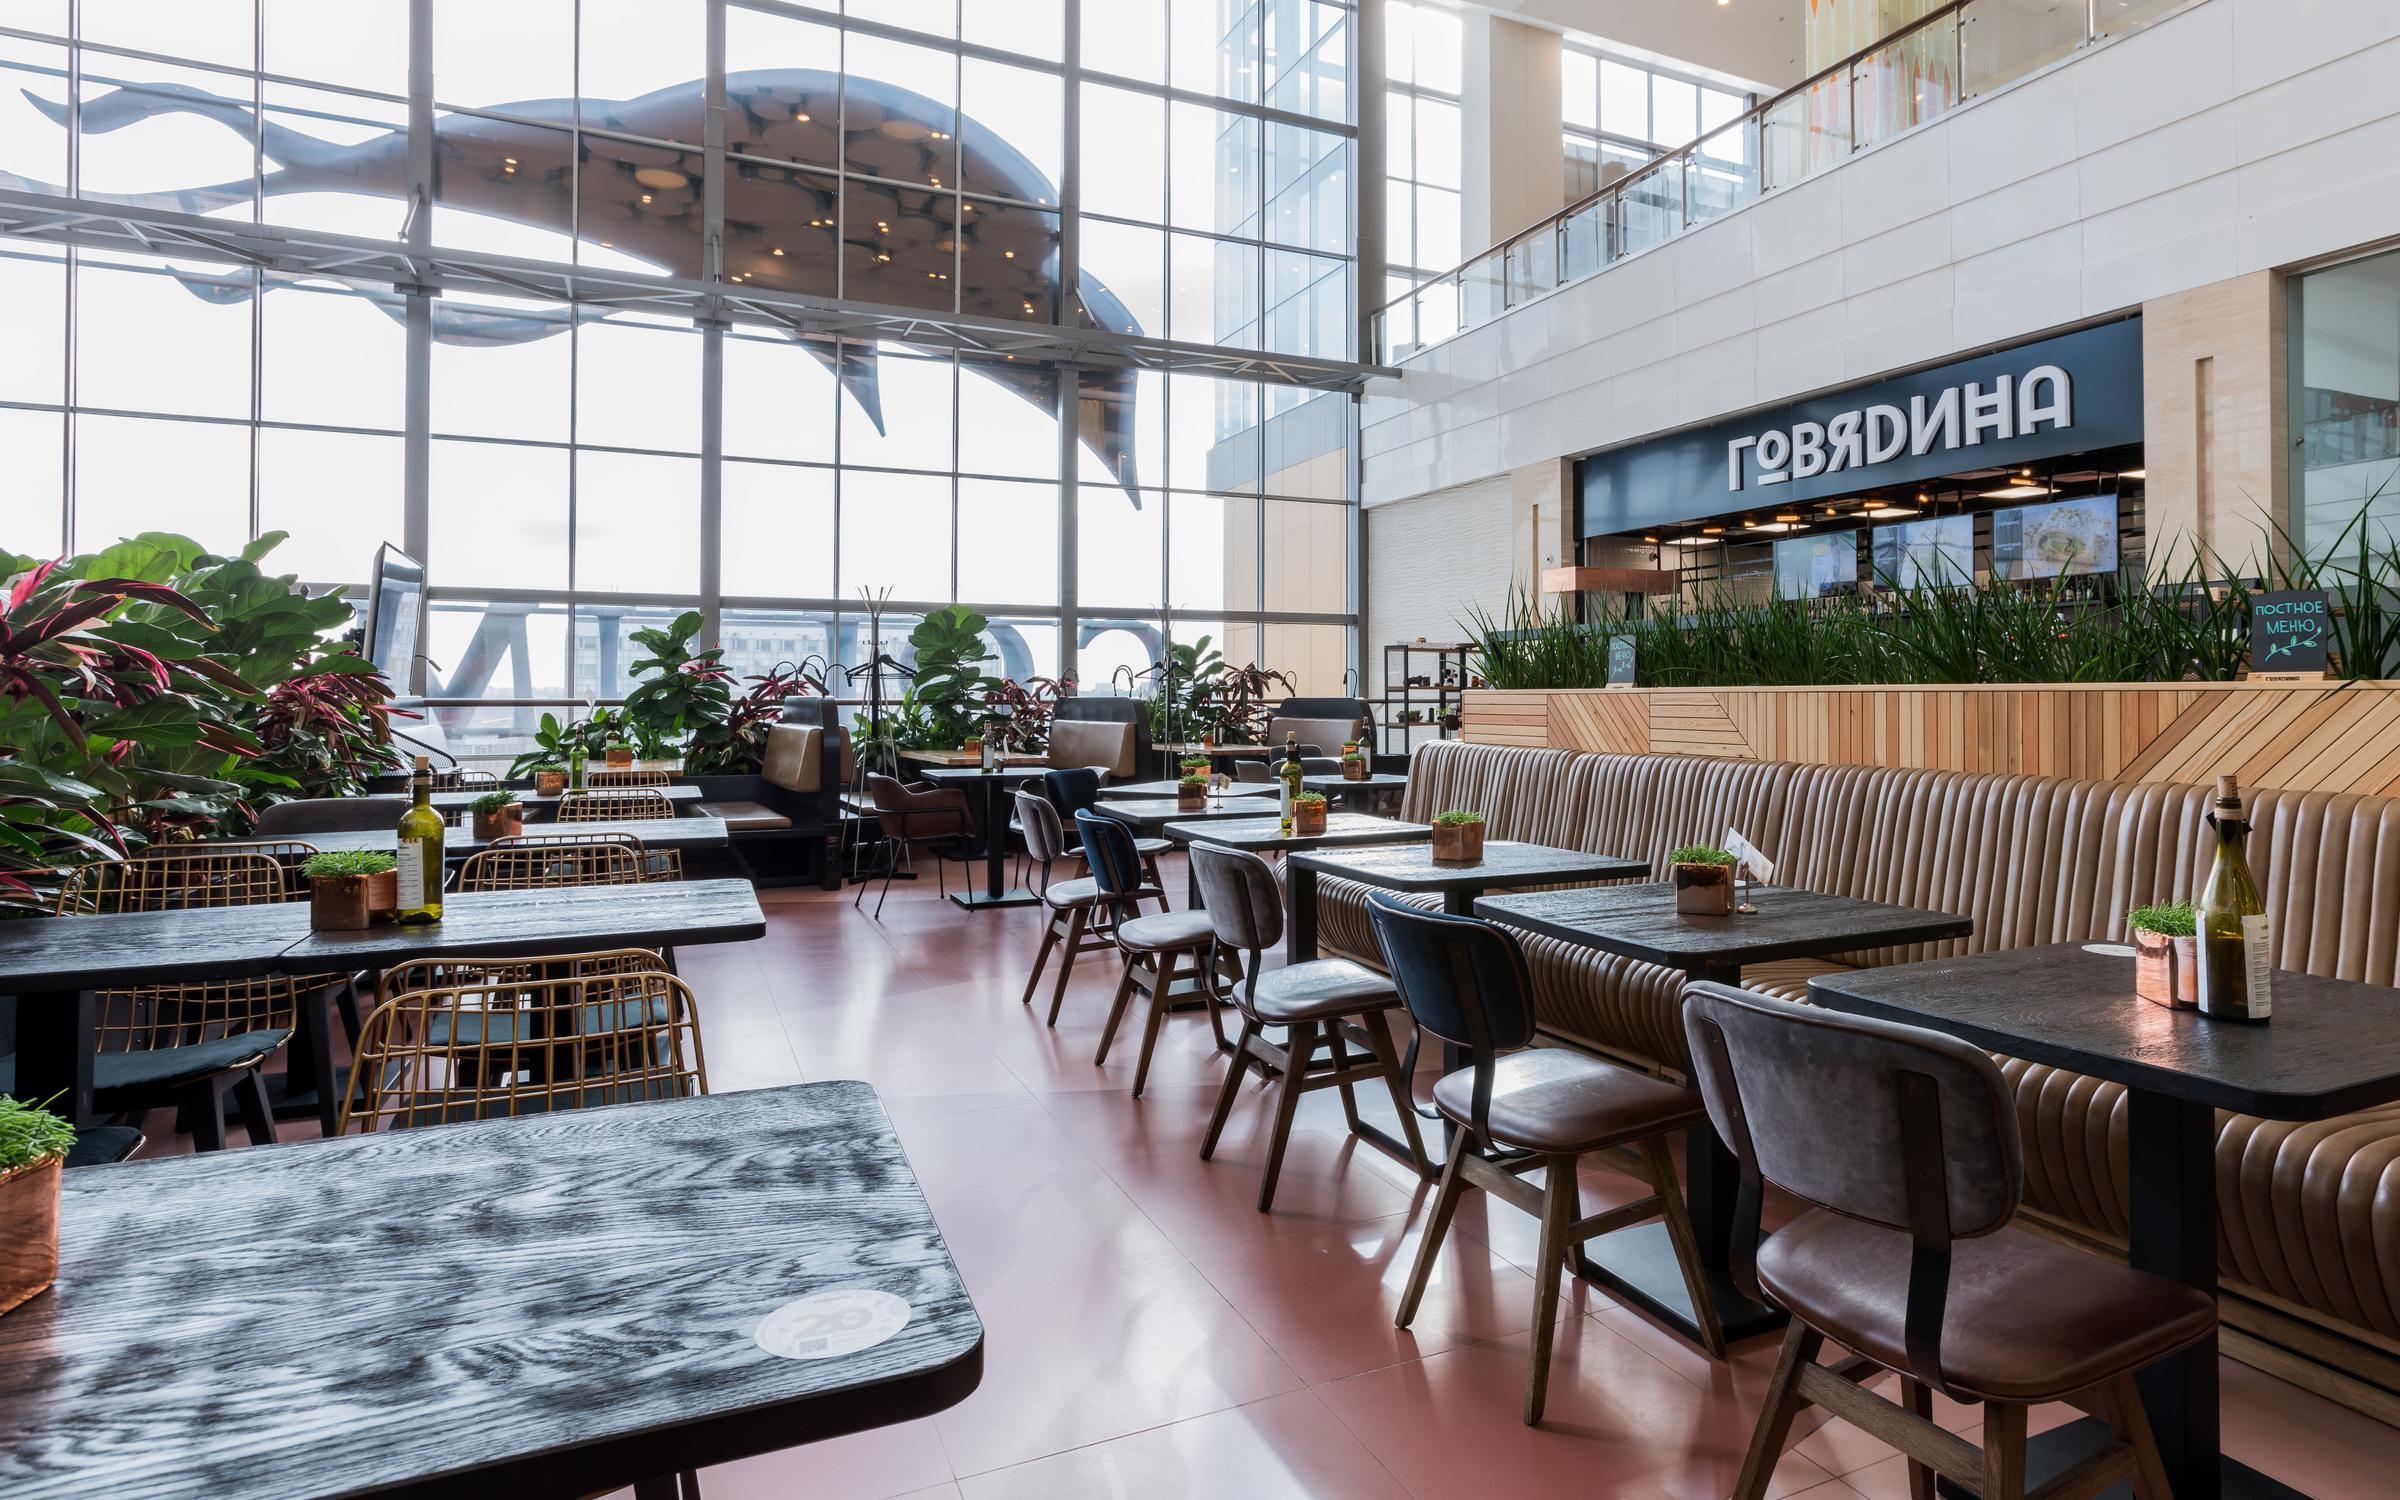 фотография Ресторана ГОВЯDИНА в ТЦ Columbus